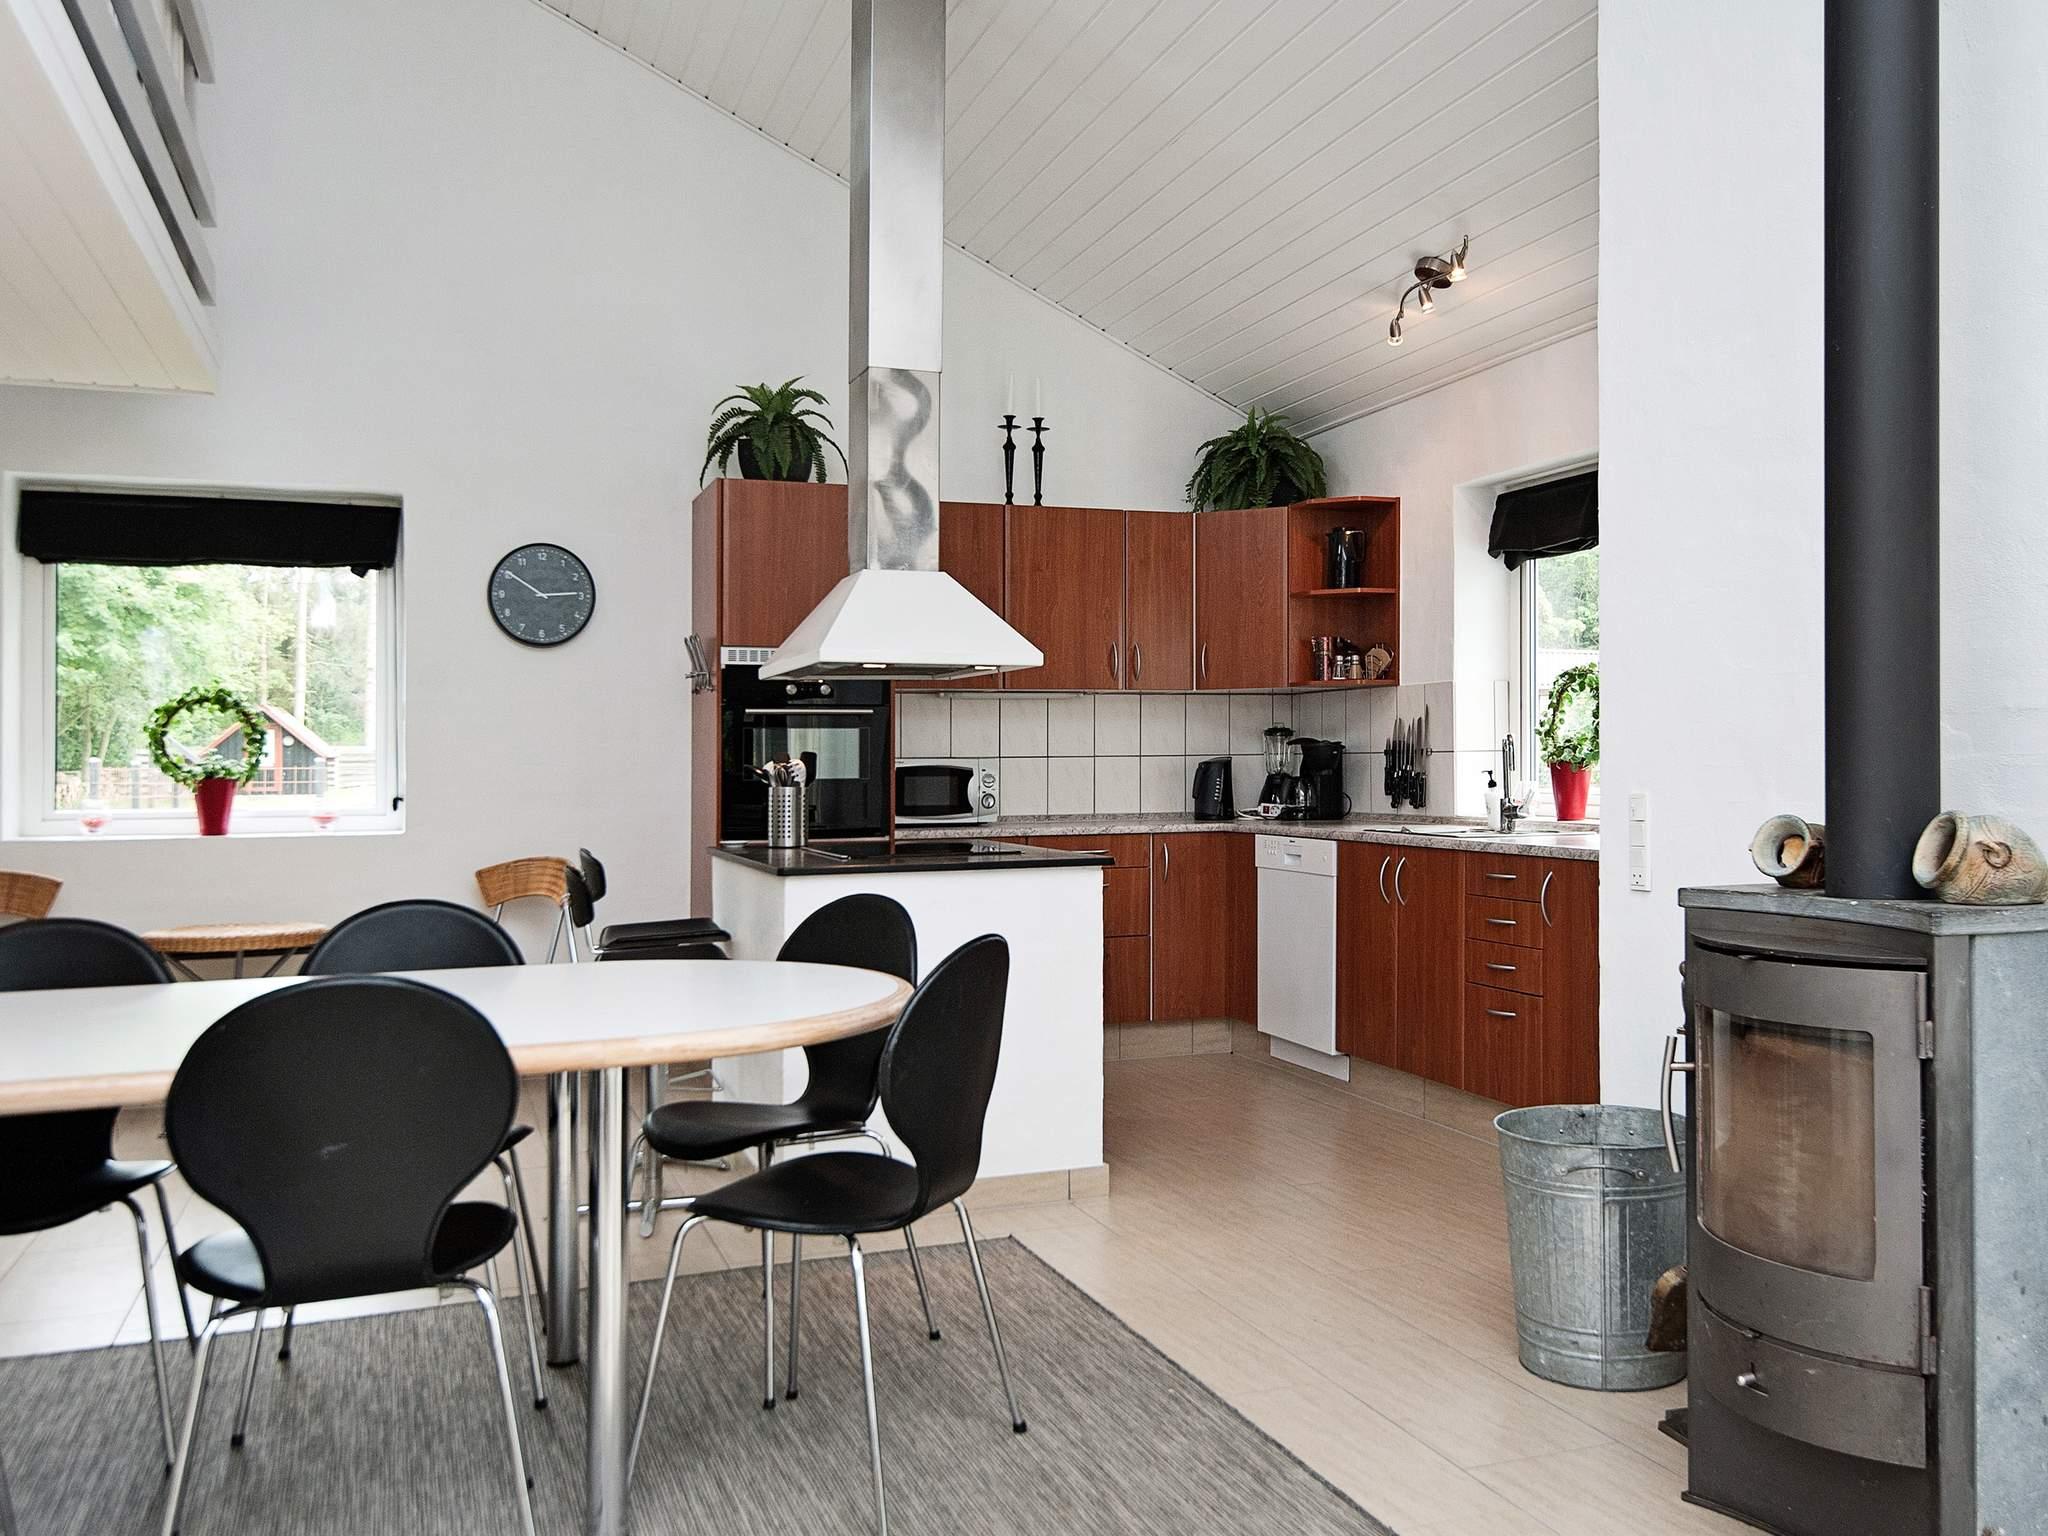 Ferienhaus Egsmark Strand (493427), Egsmark, , Dänische Ostsee, Dänemark, Bild 5